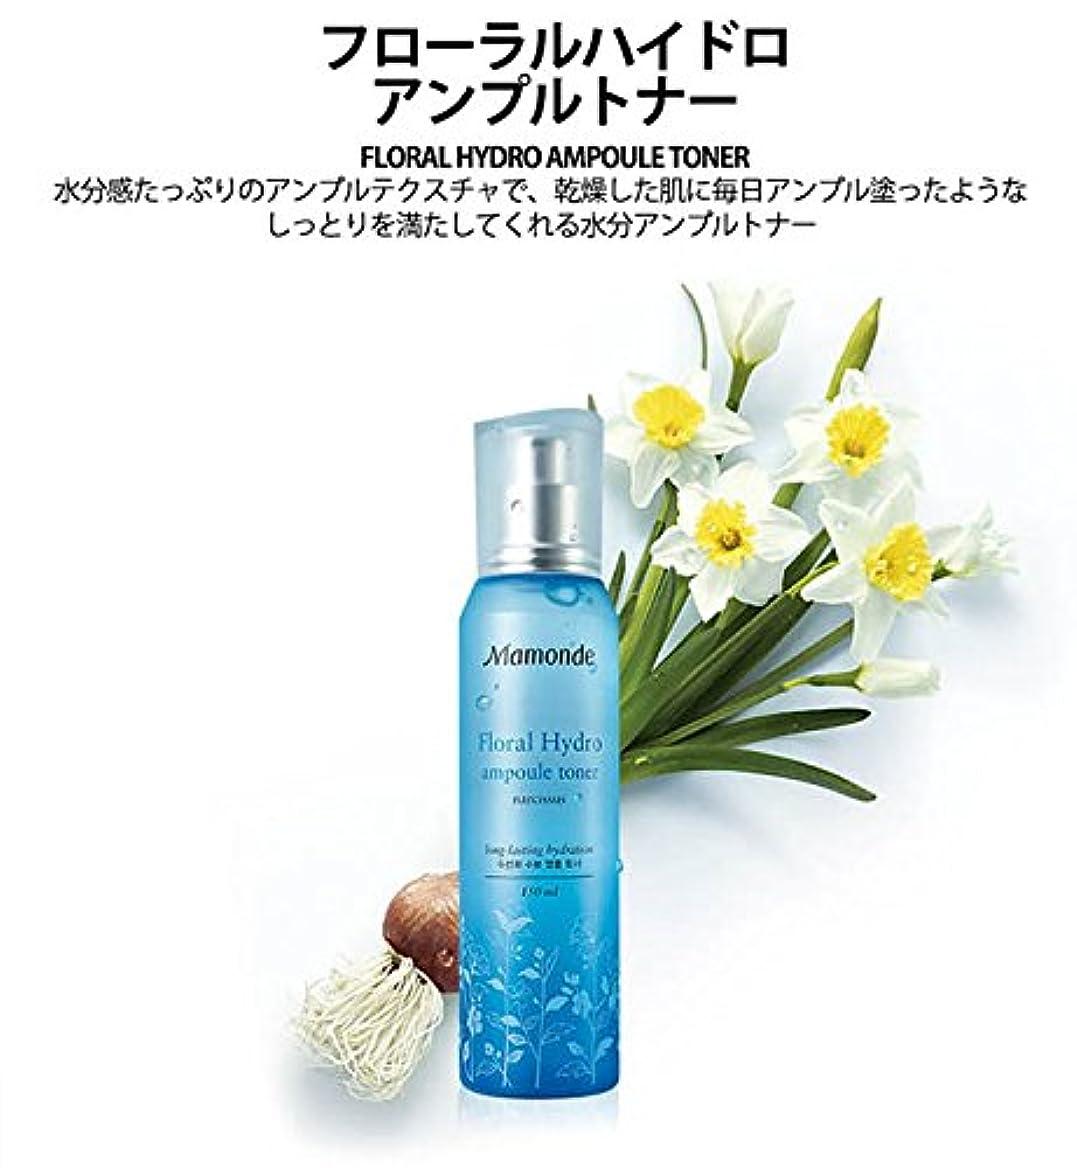 三キャプチャーポンペイMAMONDE/マモンド]Floral Hydro Ampoule Toner/フローラルハイドロアンプルトナー